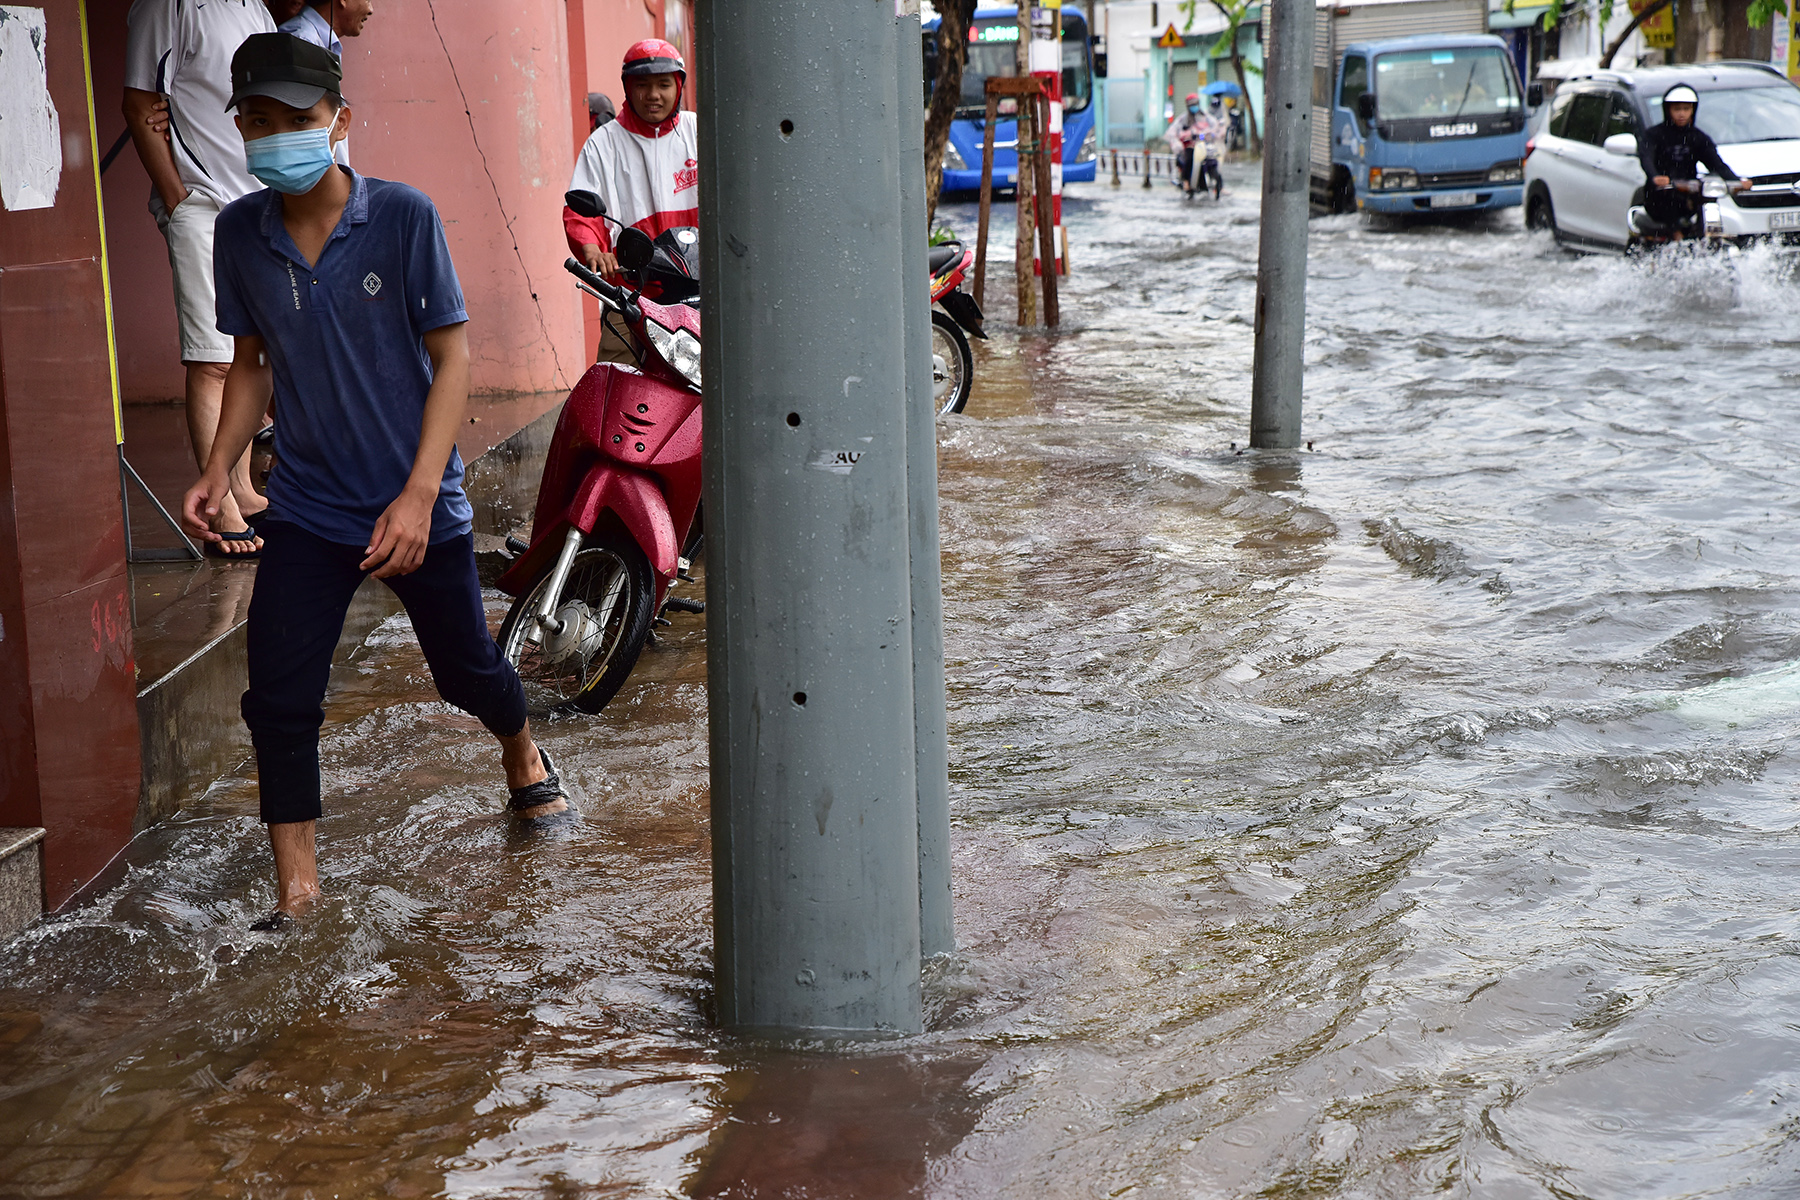 """TP.HCM: Đường sắt Bắc – Nam chìm nghỉm giữa mênh mông nước sau mưa """"thoáng qua"""" - hình ảnh 2"""